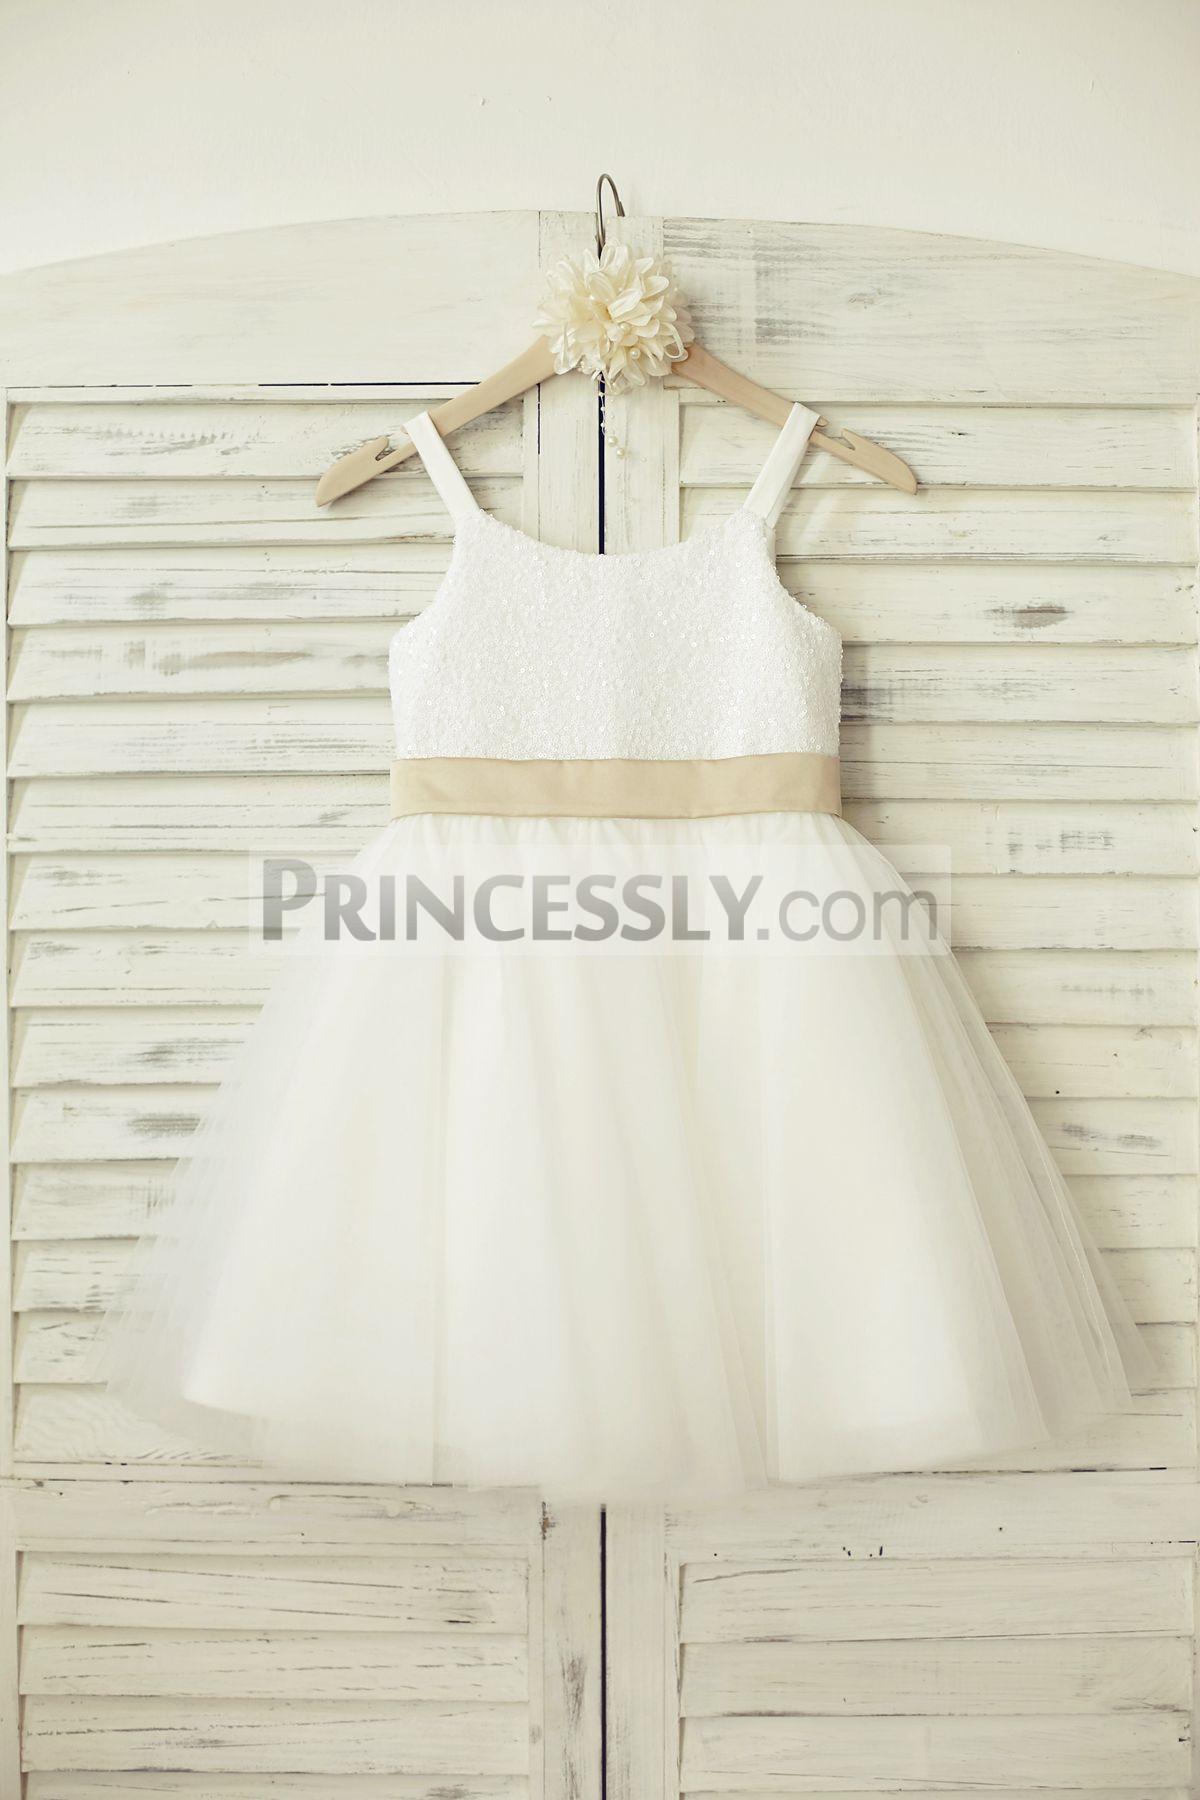 Sequined tulle white flower girl dress